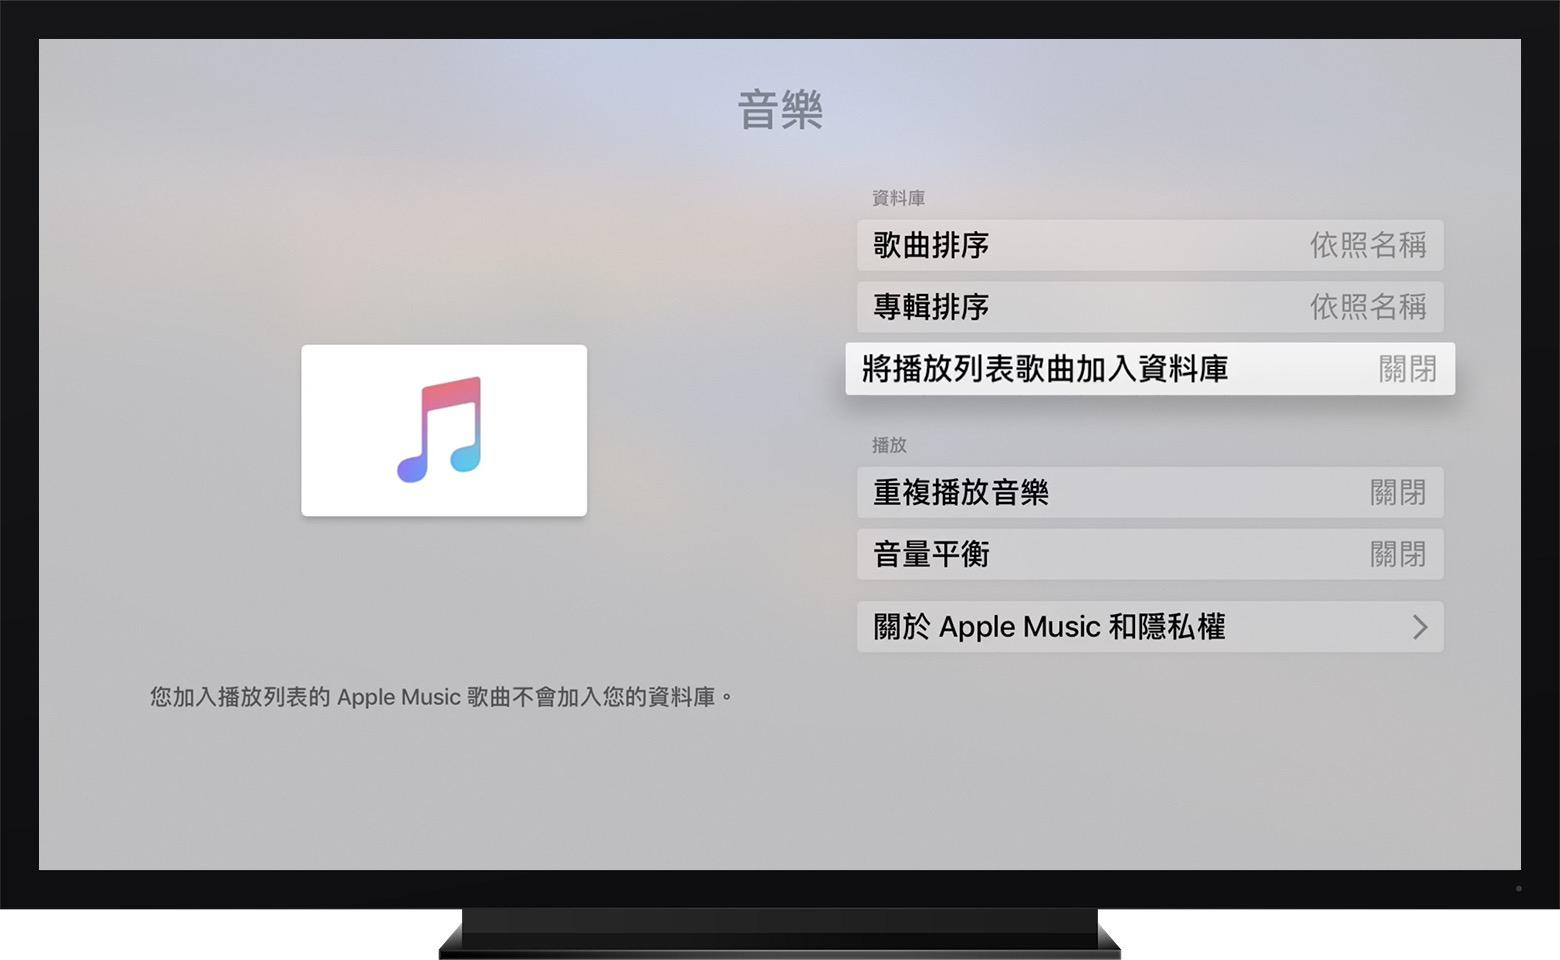 將歌曲新增至 Apple Music 播放列表。但不新增至資料庫 - Apple 支援